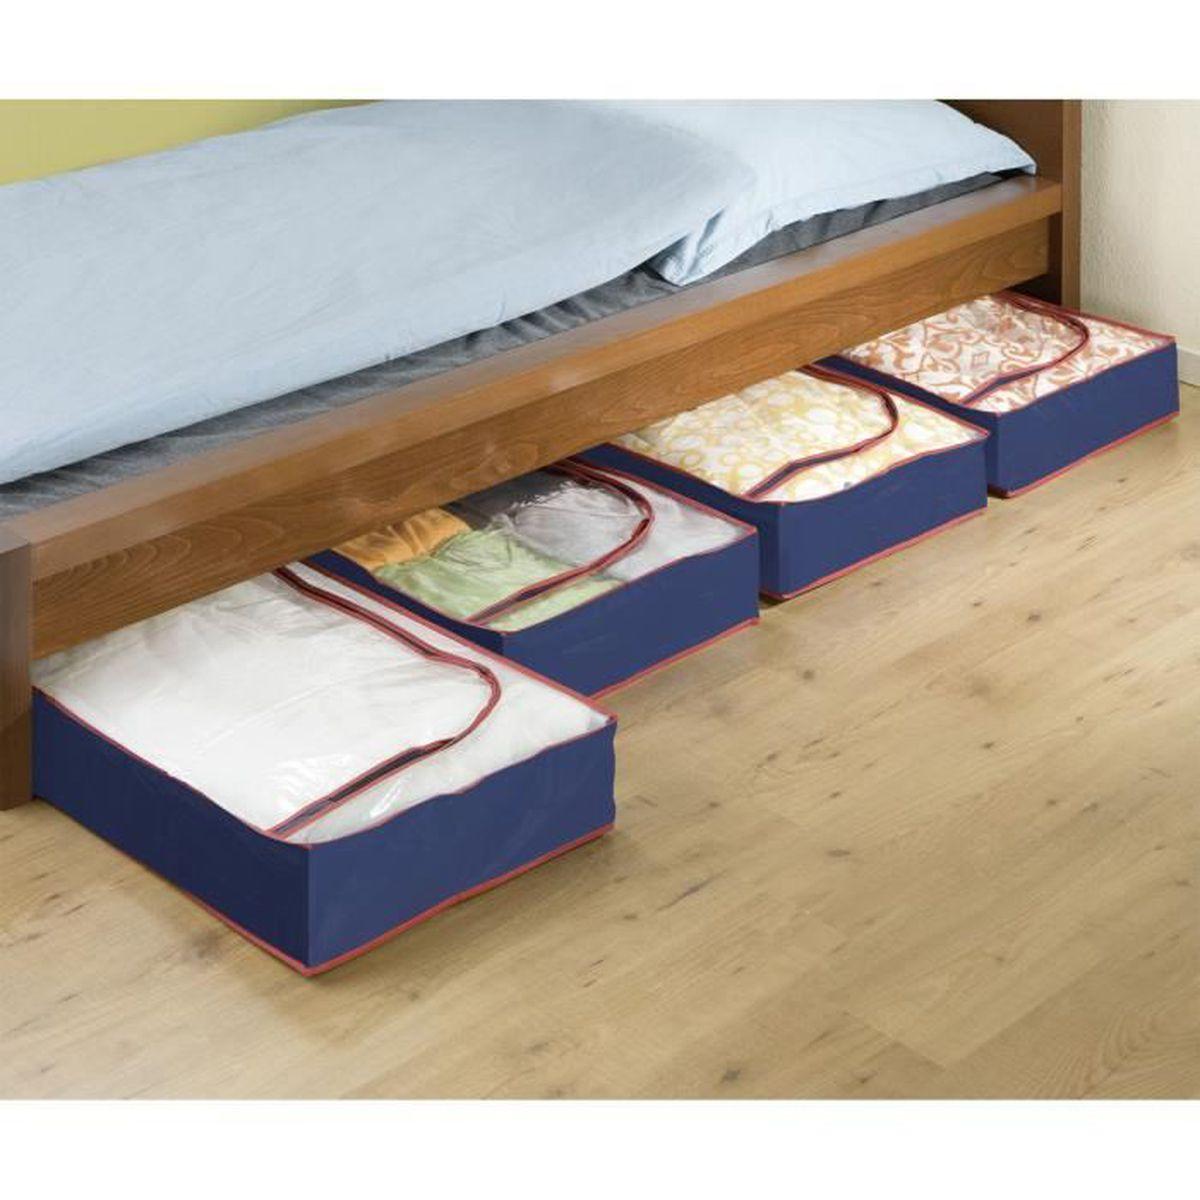 Lit Vetements Chaussures Livres Pas Cher 32 L Sous Lit Boite De Rangement En Plastique Maison Boites De Rangement